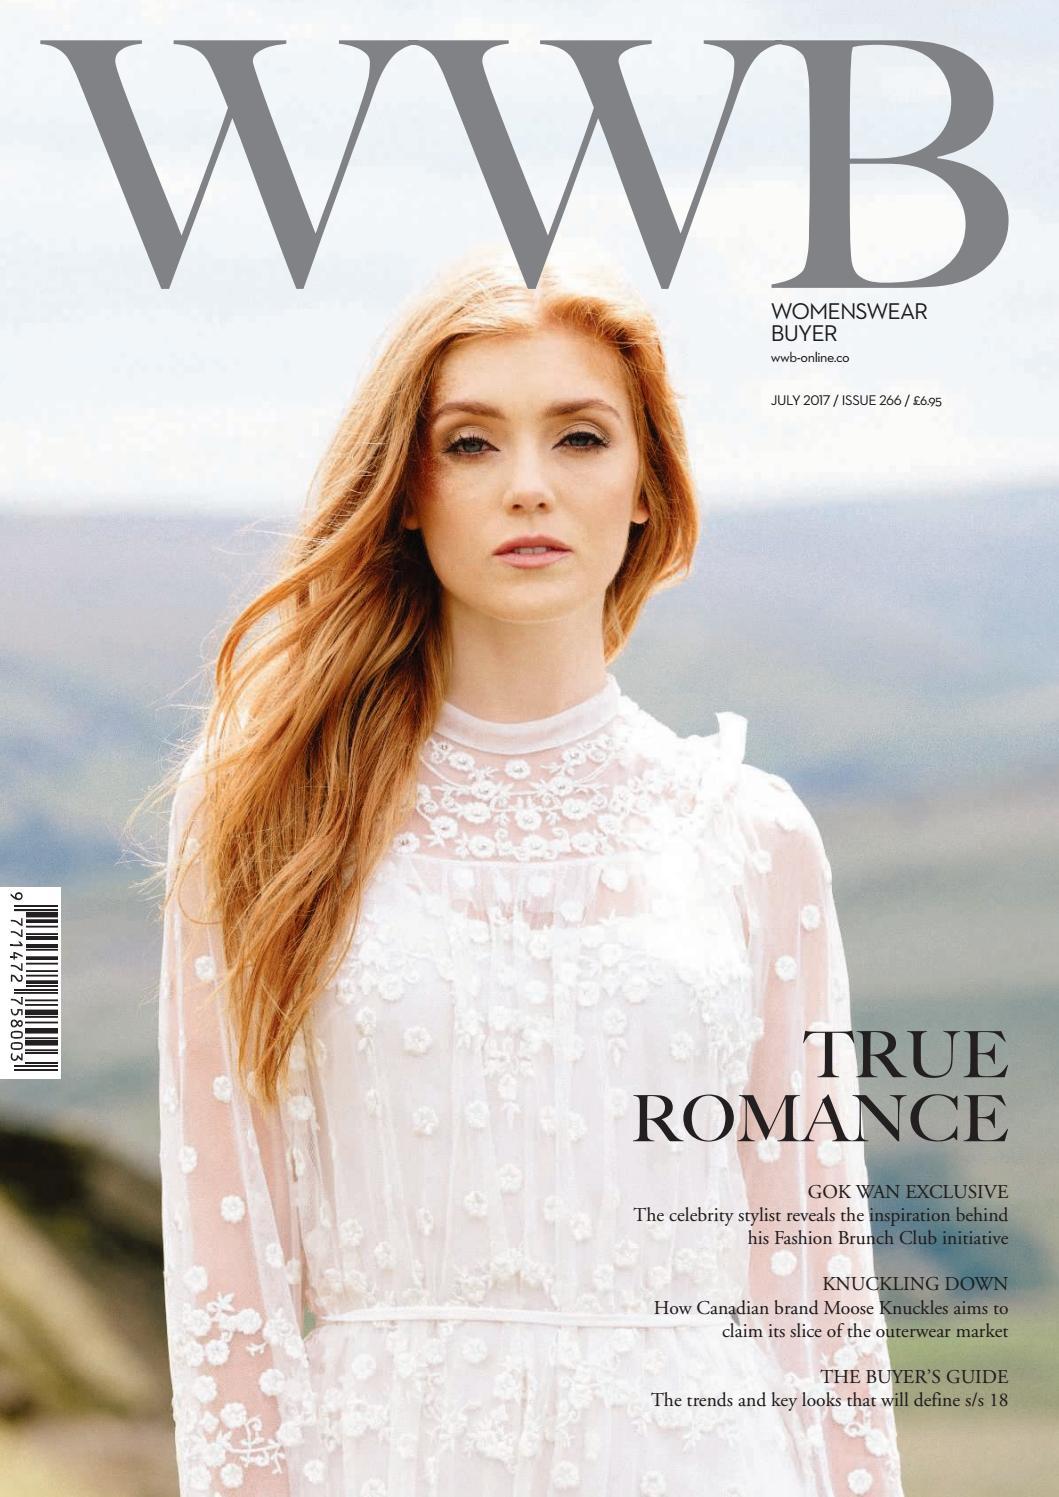 bad2467f8 WWB MAGAZINE JULY 2017 ISSUE 266 by fashion buyers Ltd - issuu